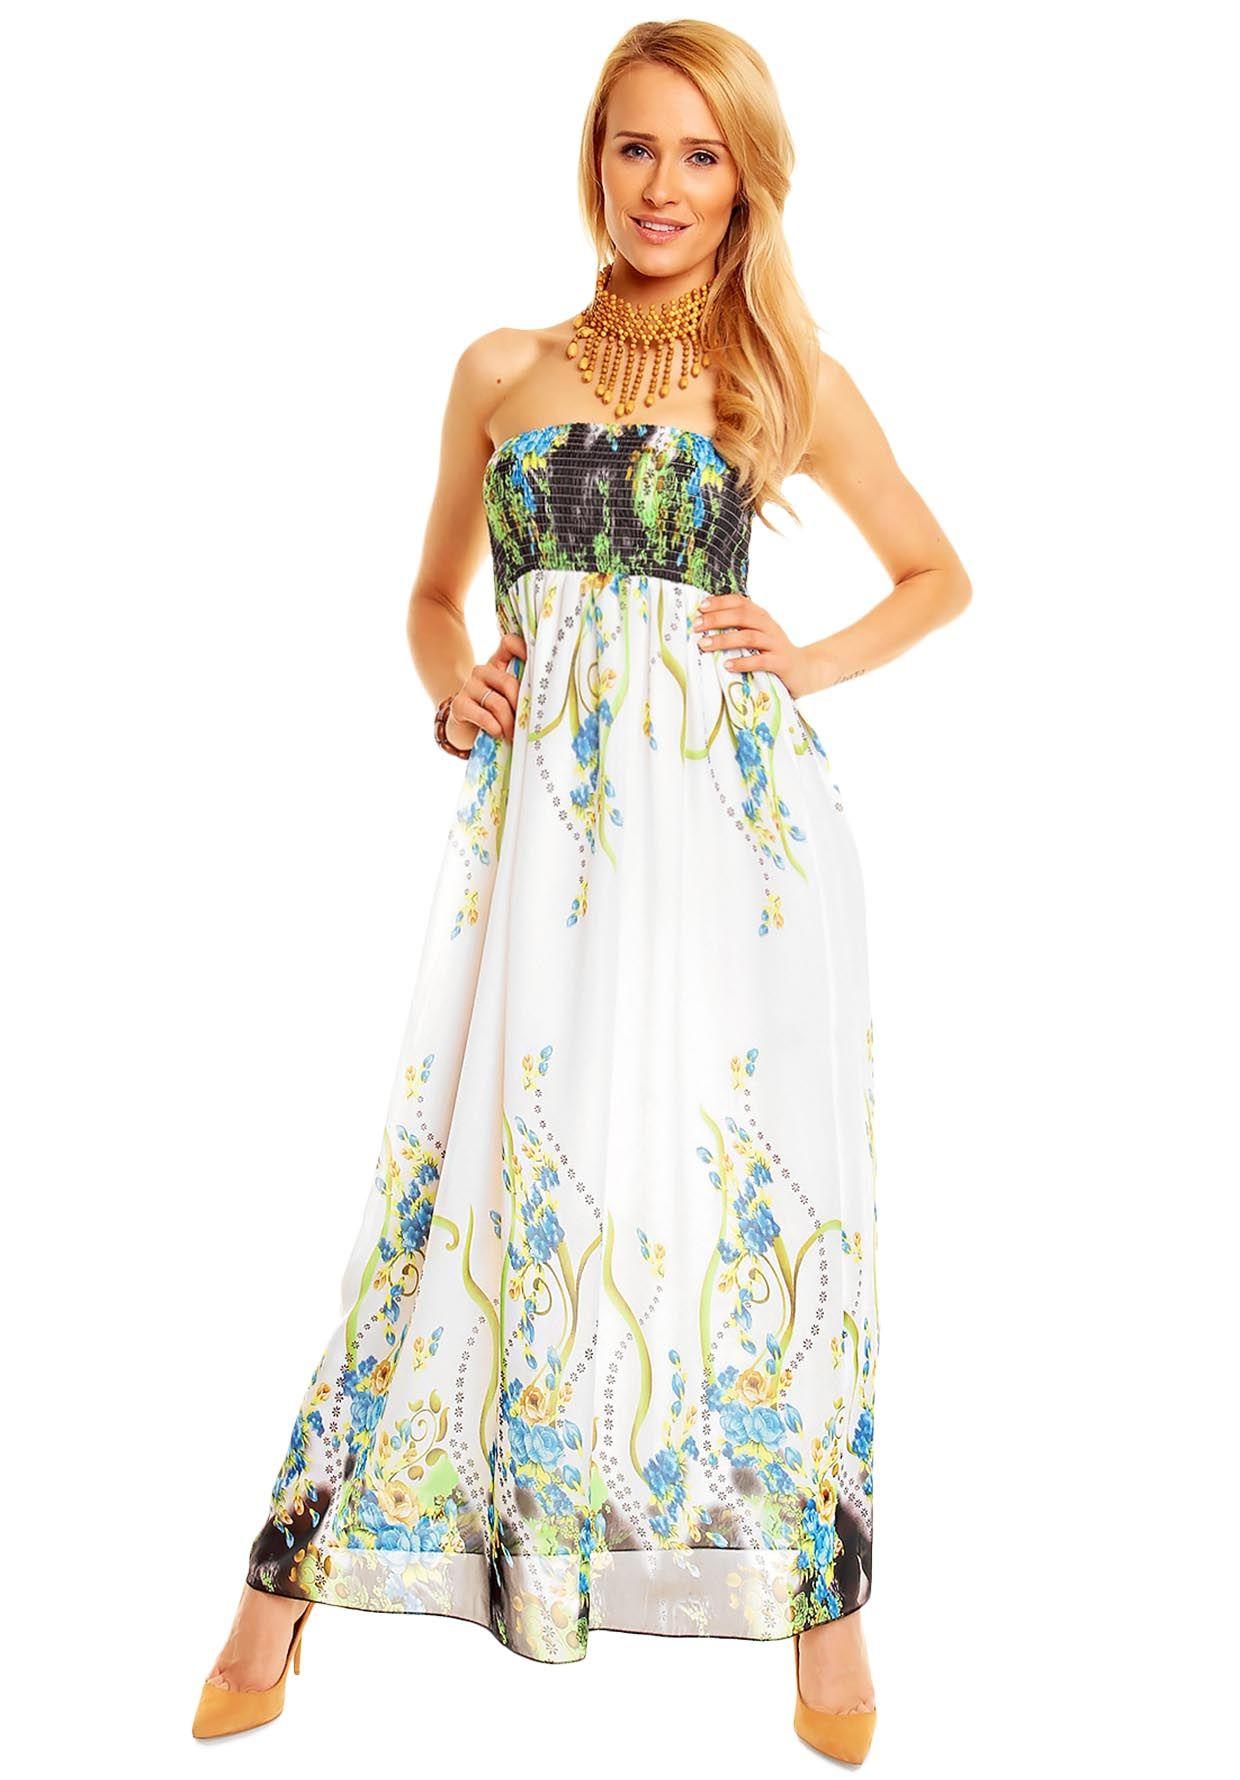 9b0dadd03f03 abiti estivi floreali | Abito a Fascia Lungo Donna Fantasia Verde Blu  Bianco .